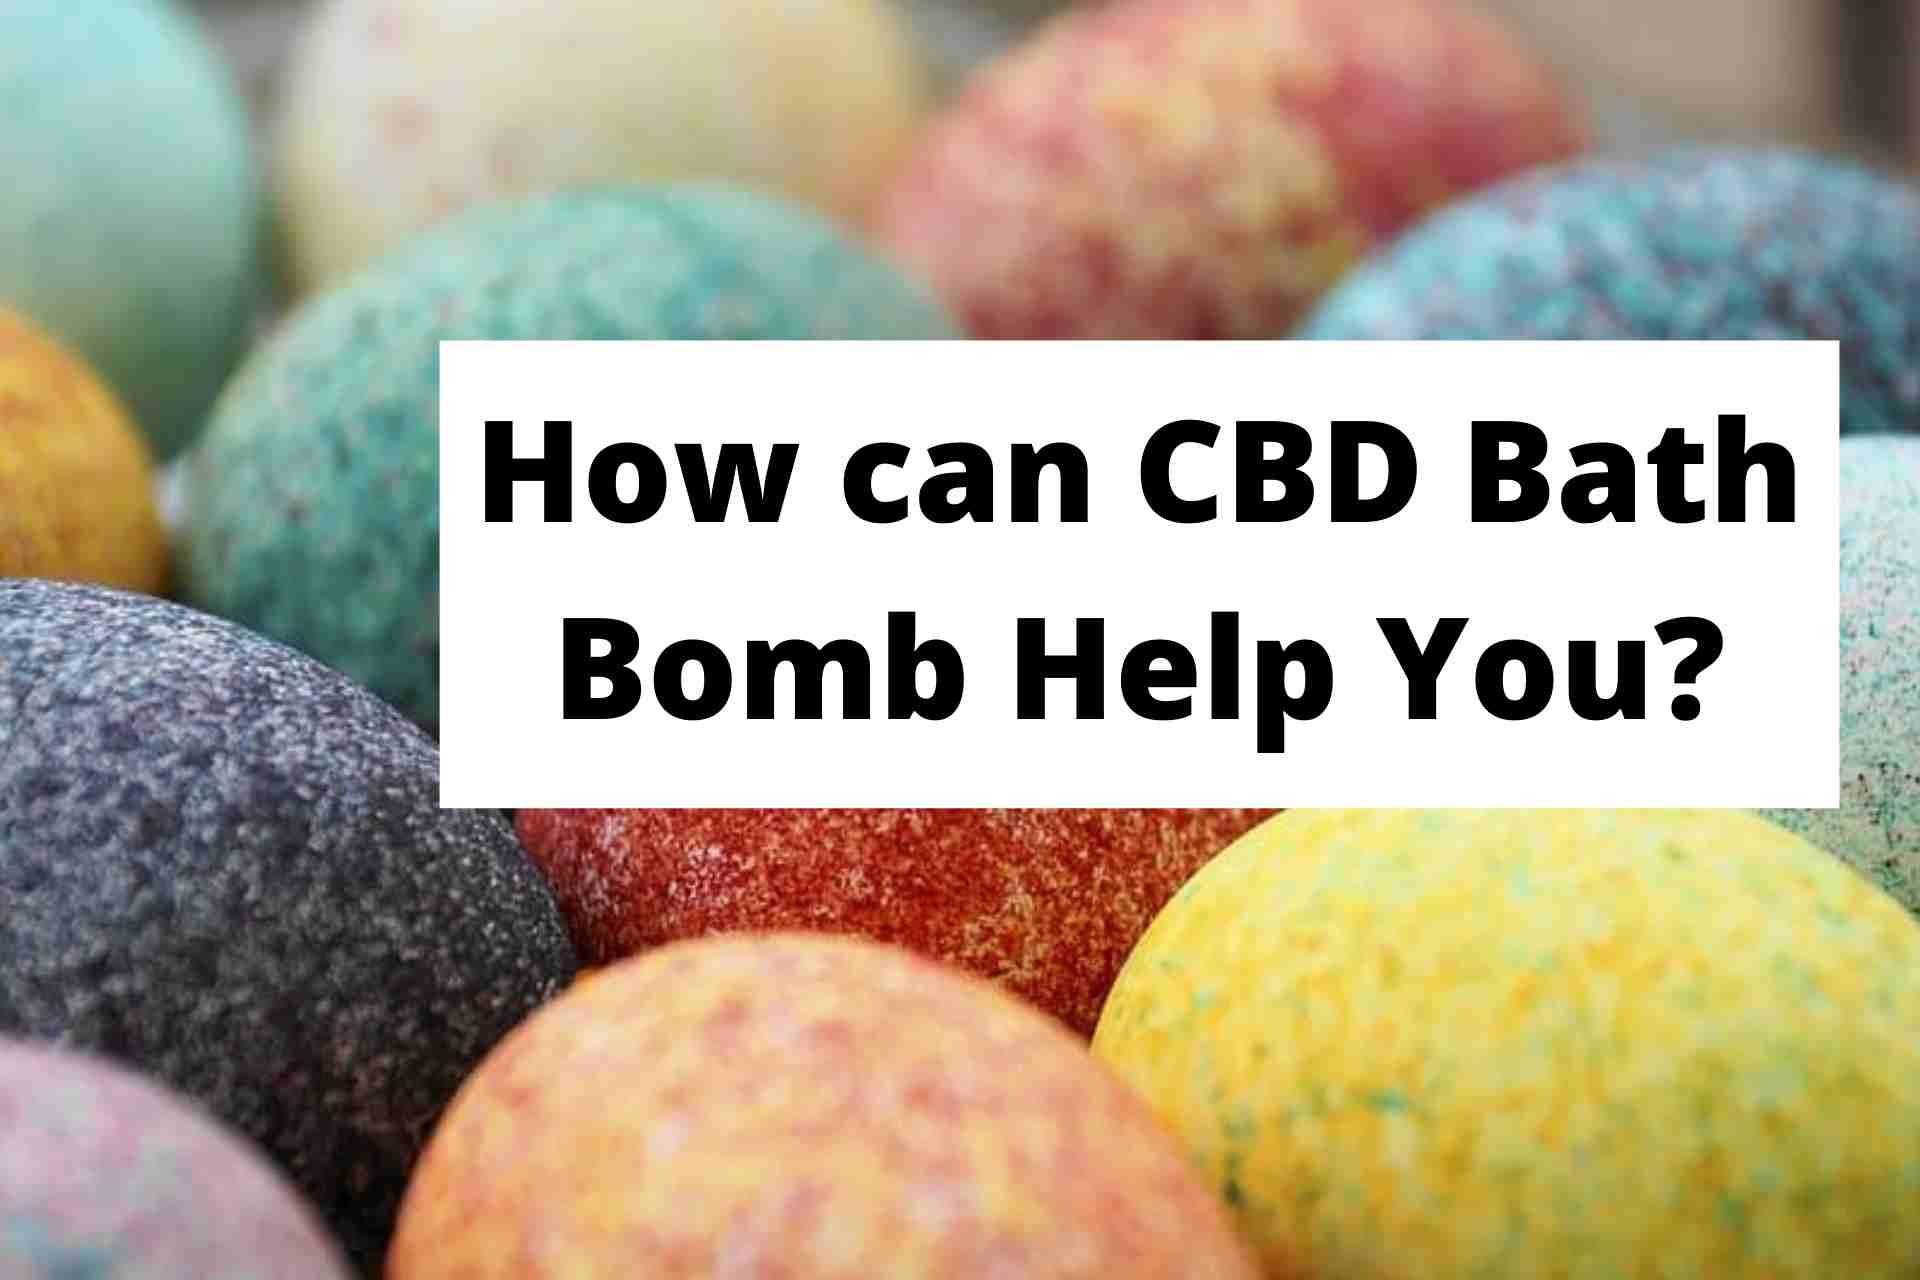 How can CBD Bath Bomb Help You?